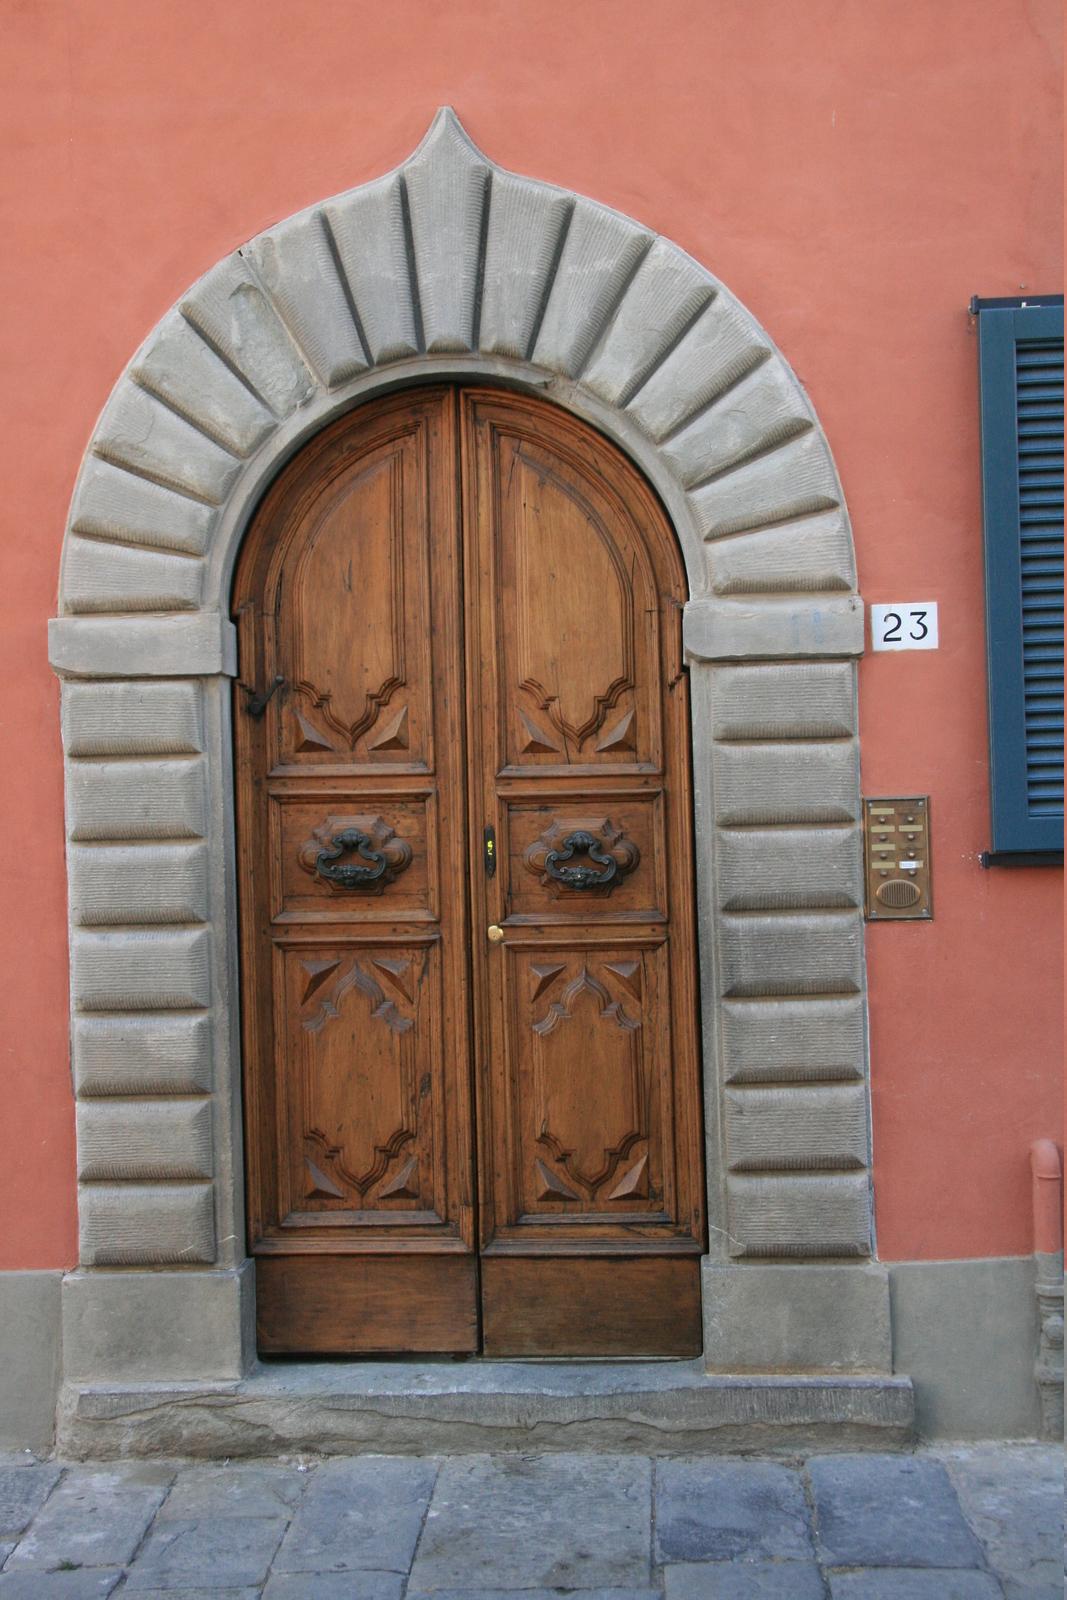 Arched Doordetails & Arched Door [image 1067x1600 pixels]